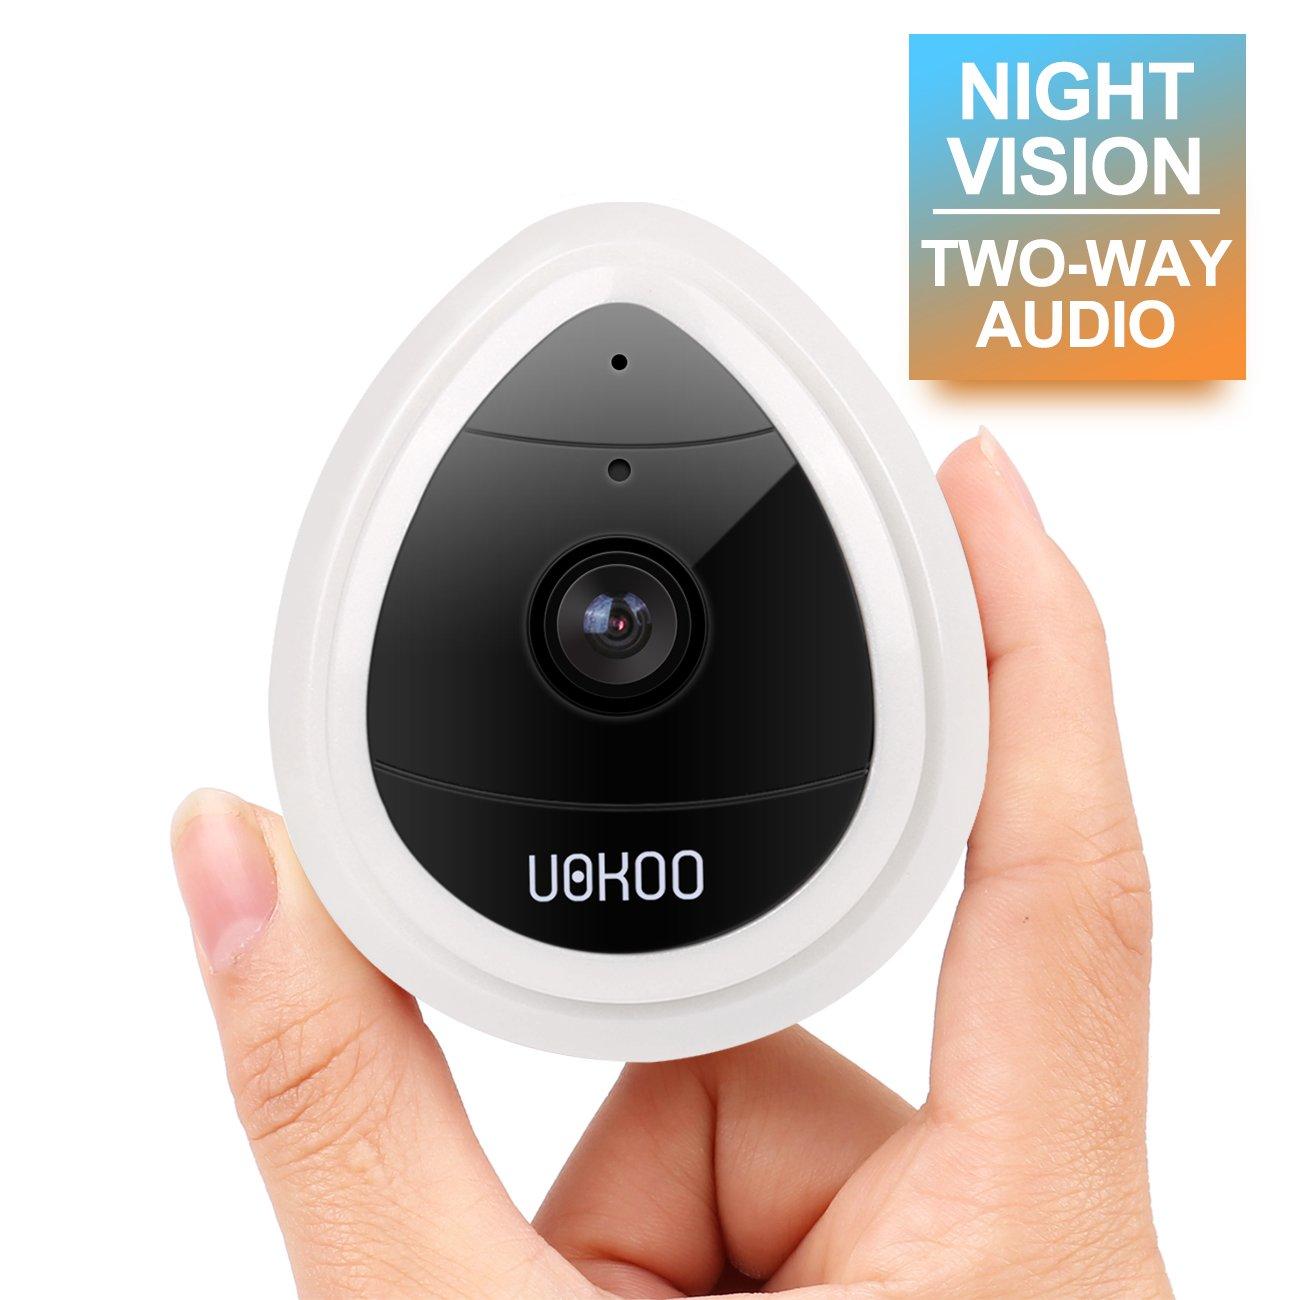 UokoOワイヤレスセキュリティカメラ、720p HDホームWiFiワイヤレスセキュリティ監視IPカメラモーション検出、ナイトビジョン/2 Wayオーディオホワイト B07B9H9R1J